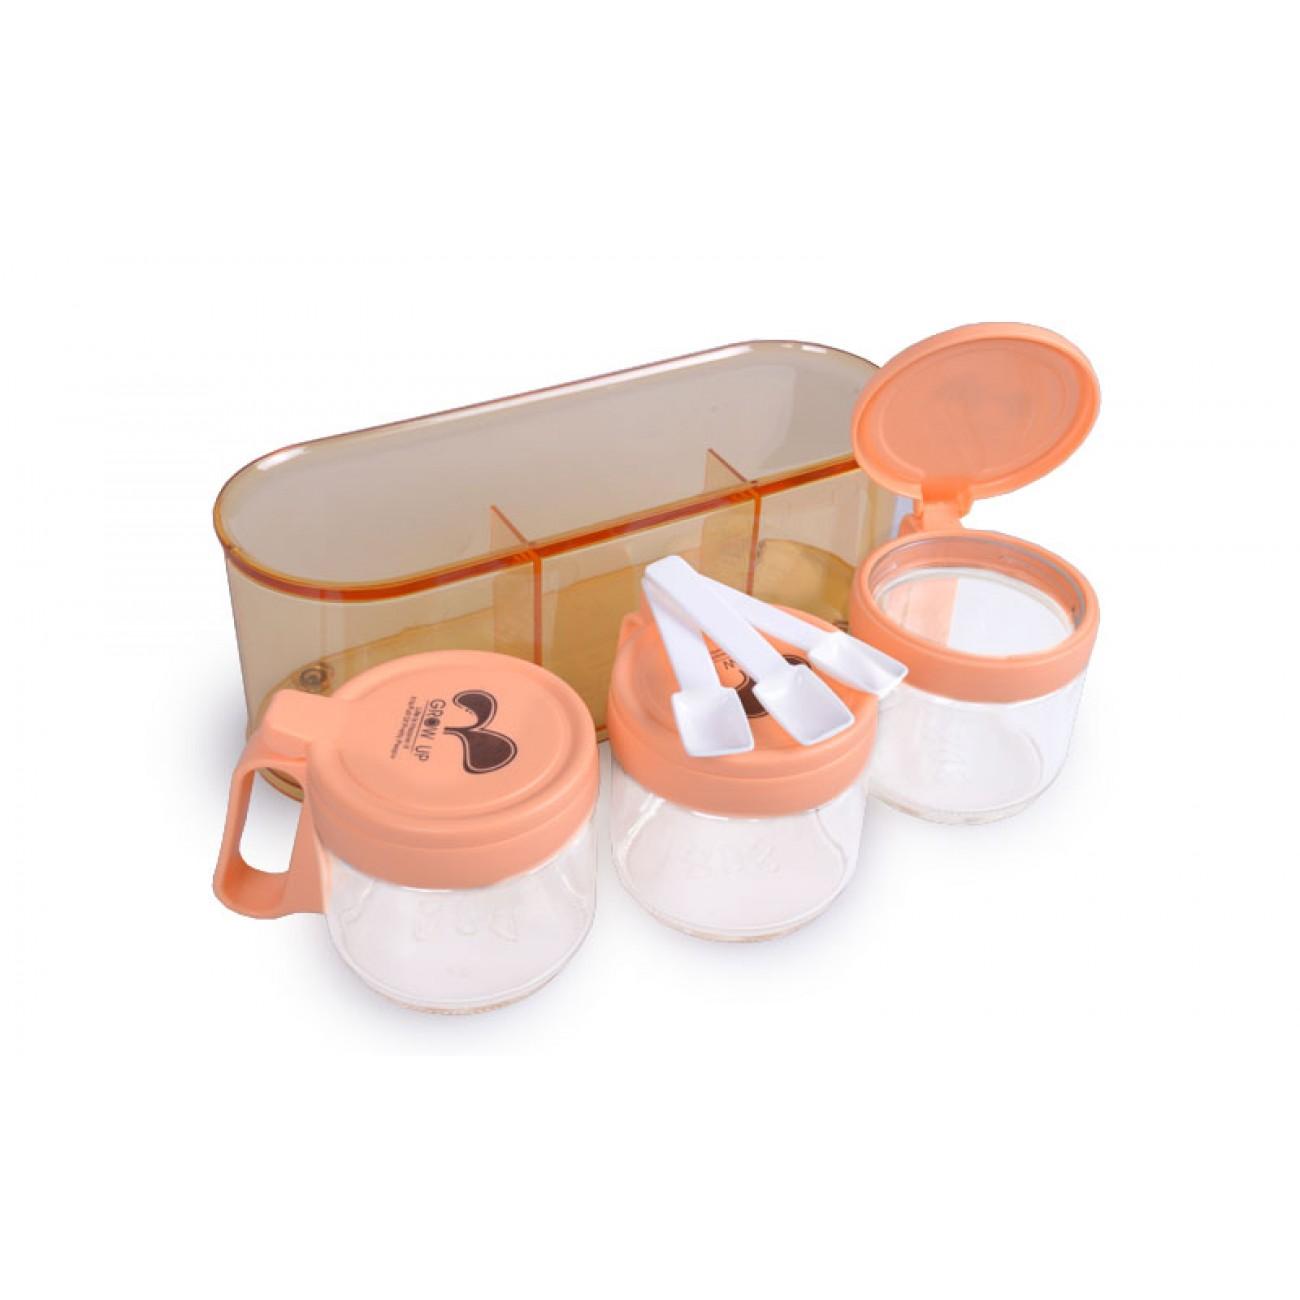 Σετ 3 βαζάκια μπαχαρικών - Πορτοκαλί - ΟΕΜ 33686